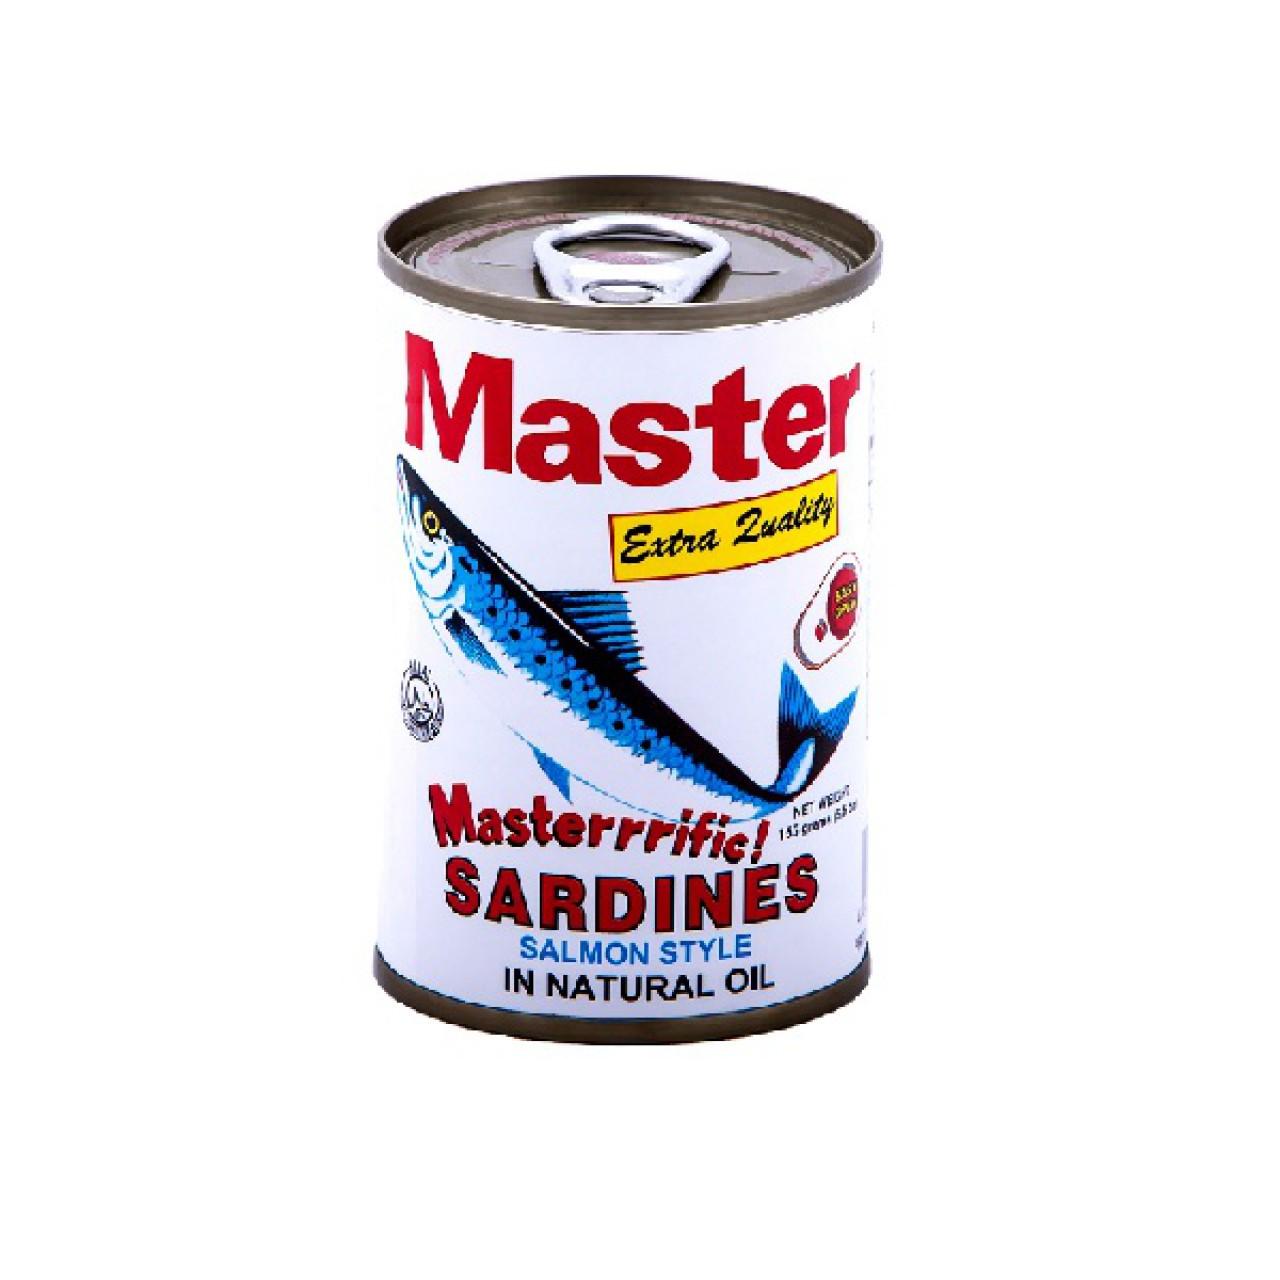 MASTER SARD WHITE IN NO 155G